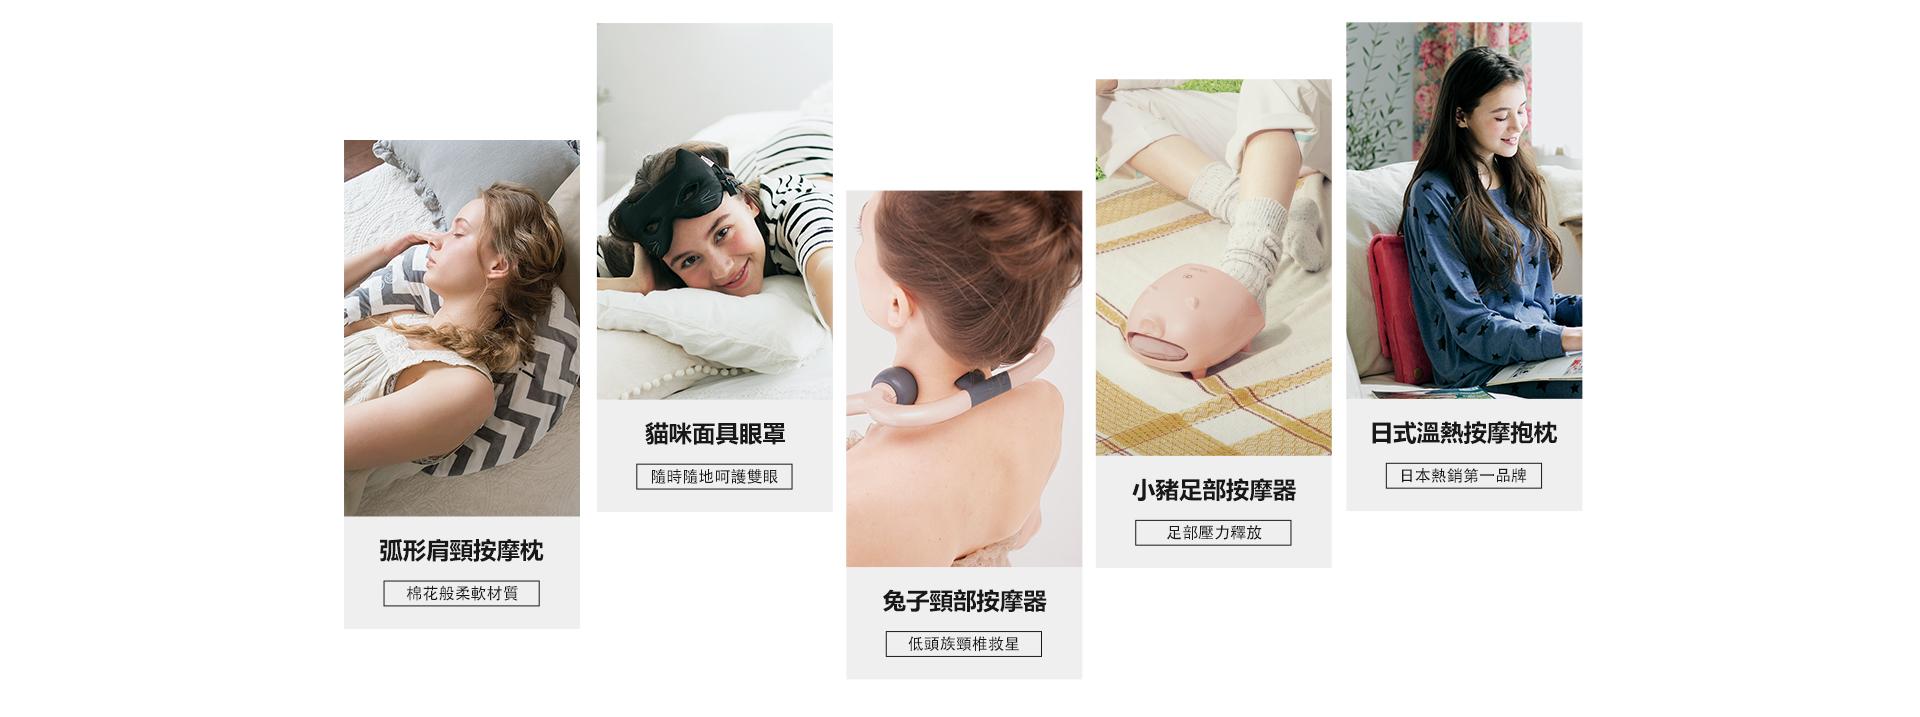 Lourdes精選商品推薦,經典按摩頸枕、貓咪溫熱眼罩、兔子頸部按摩器、小豬足部按摩器以及日式溫熱按摩抱枕。